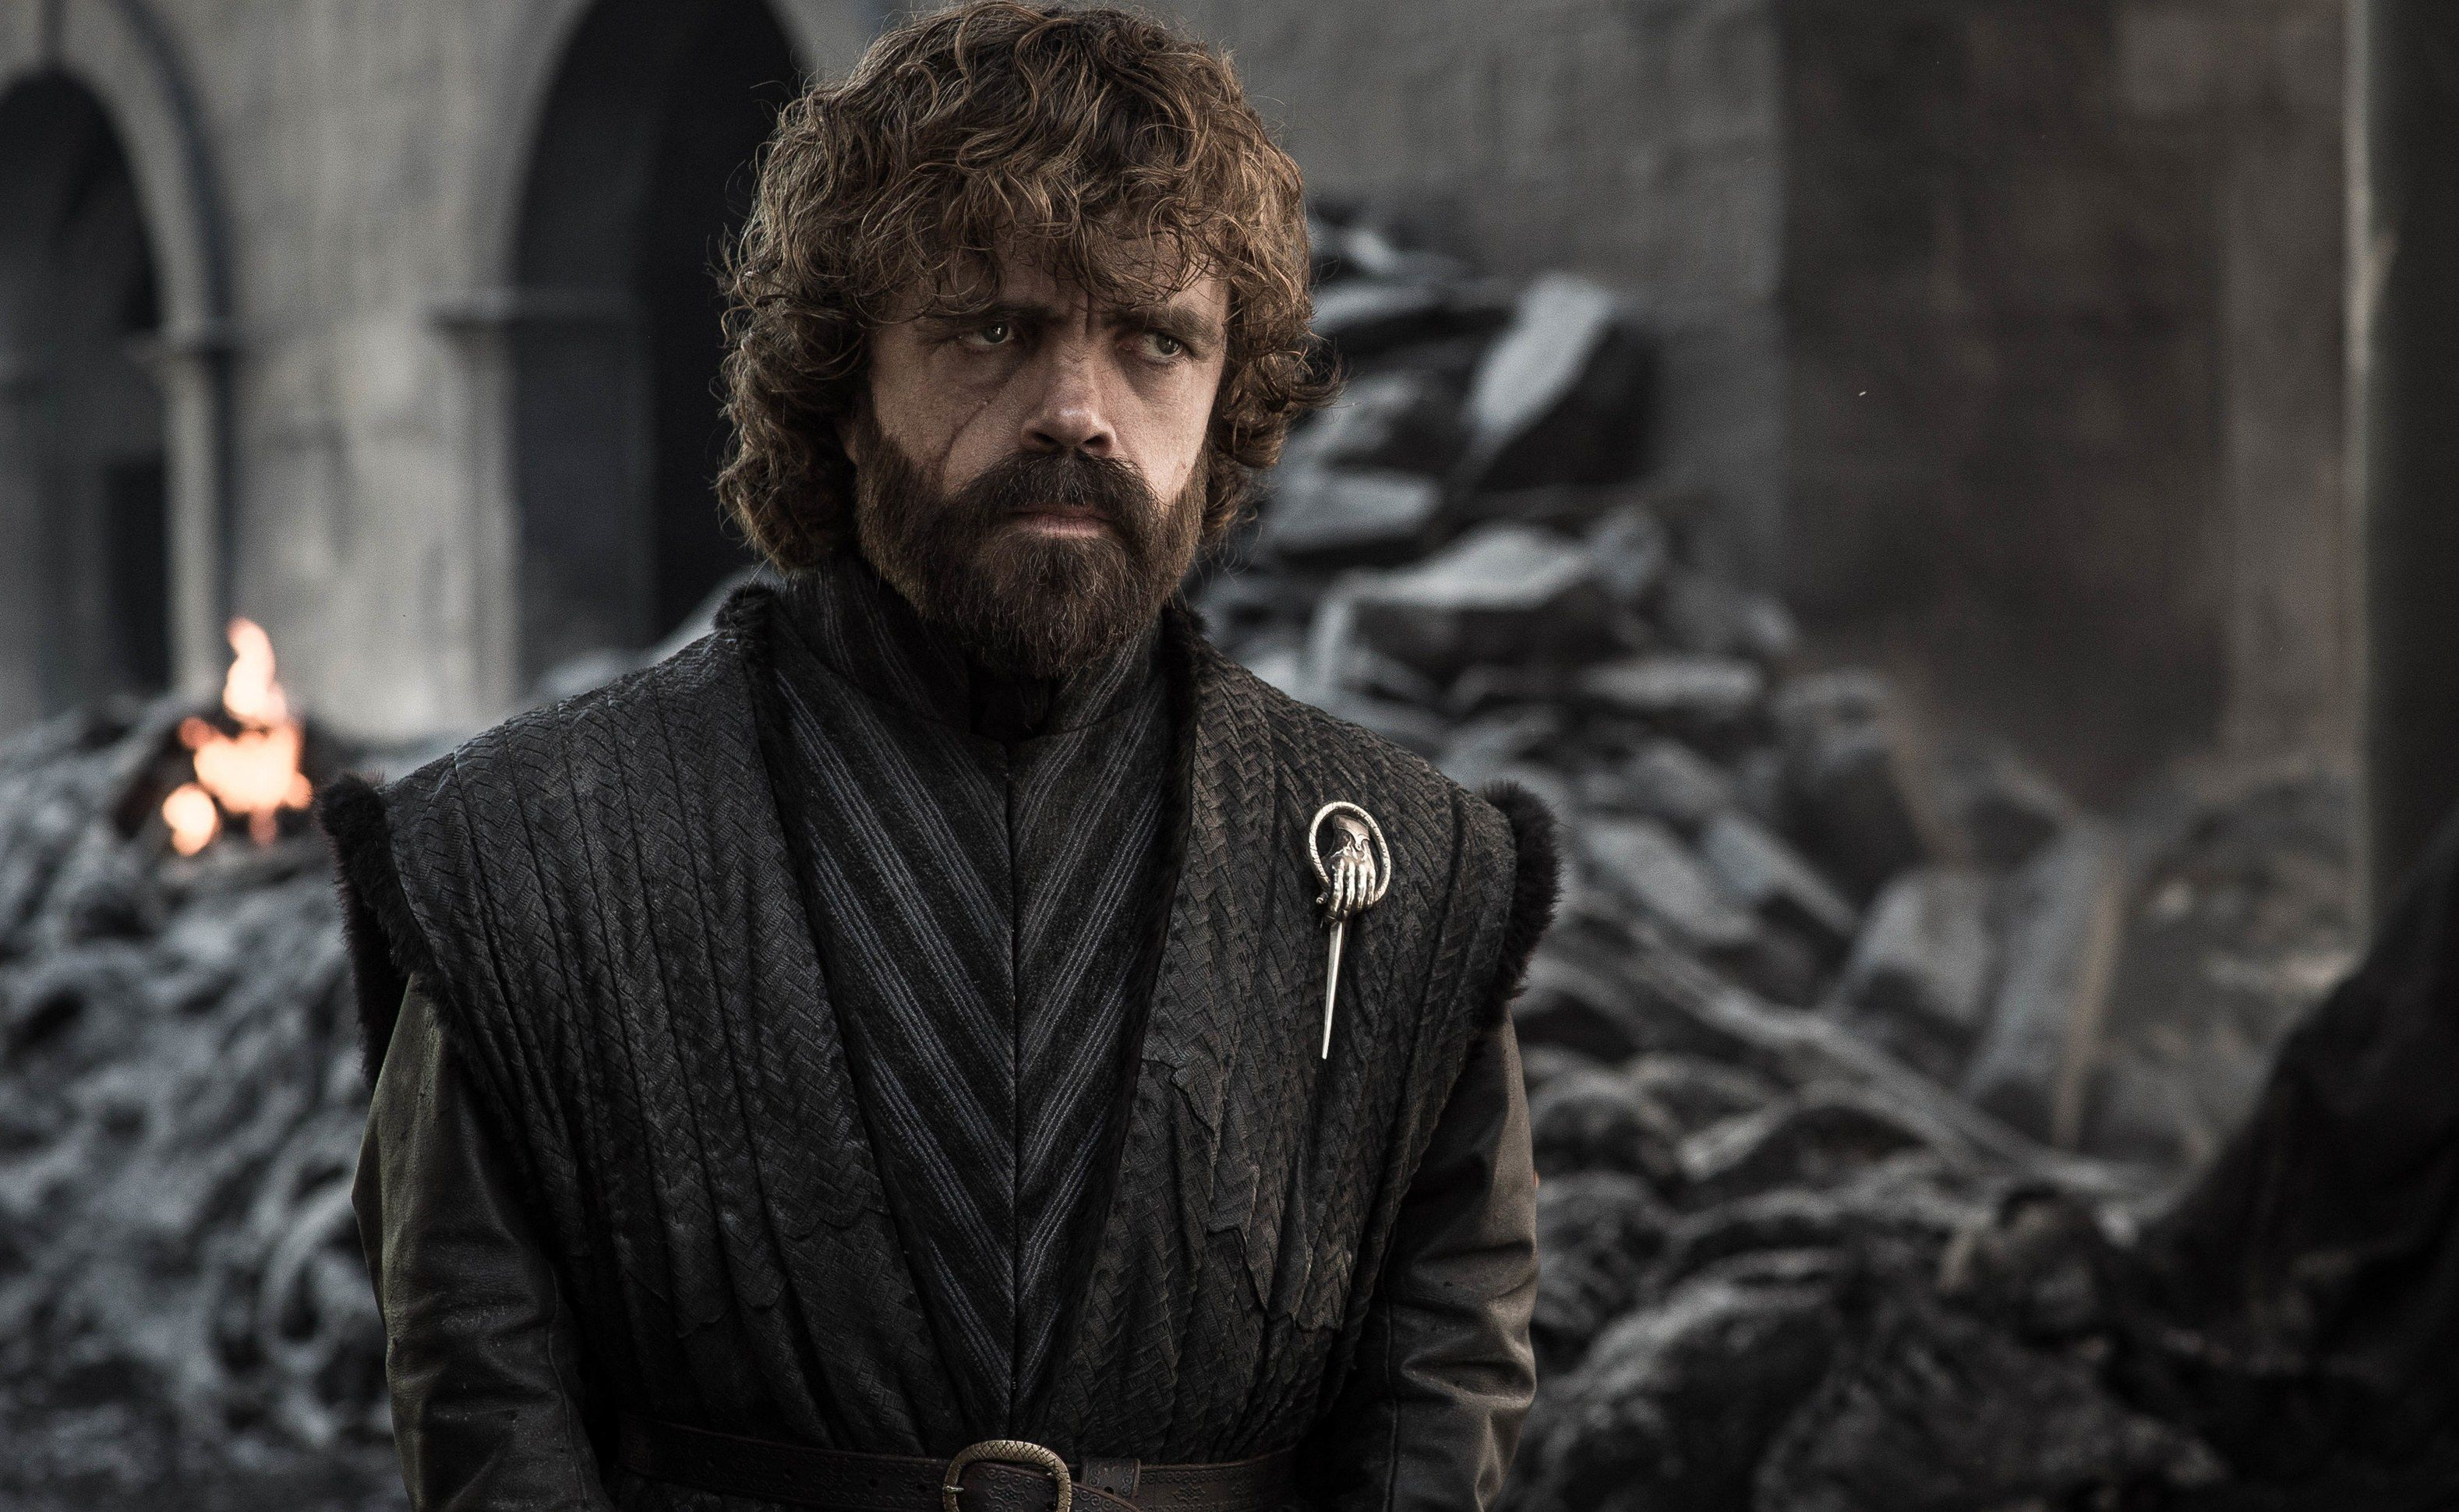 Juego de Tronos Tyrion Gobernante Poniente - Trono de Hierro Final